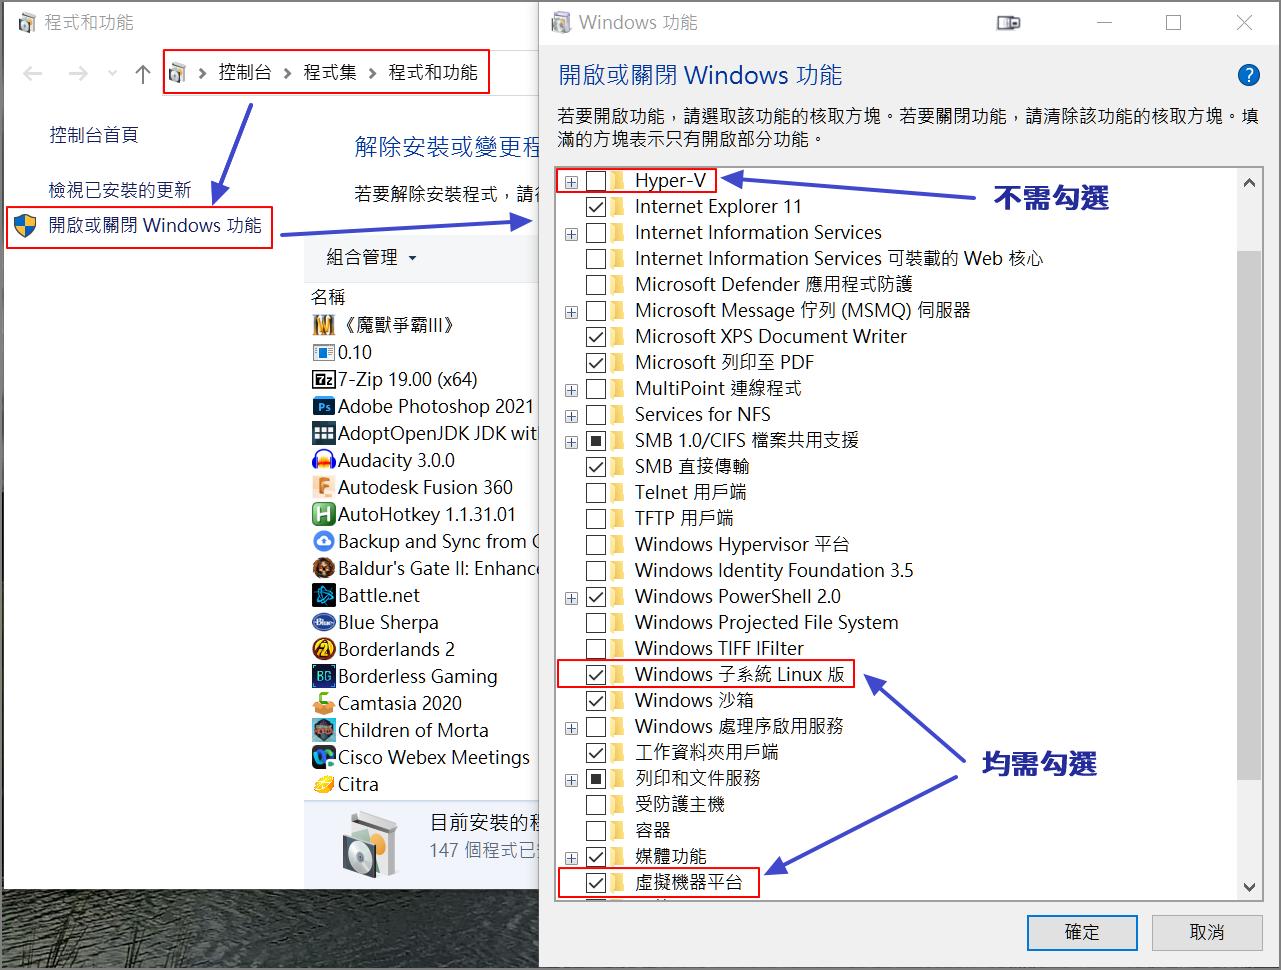 [安裝筆記] Windows 10 安裝 Linux 子系統 (WSL2)